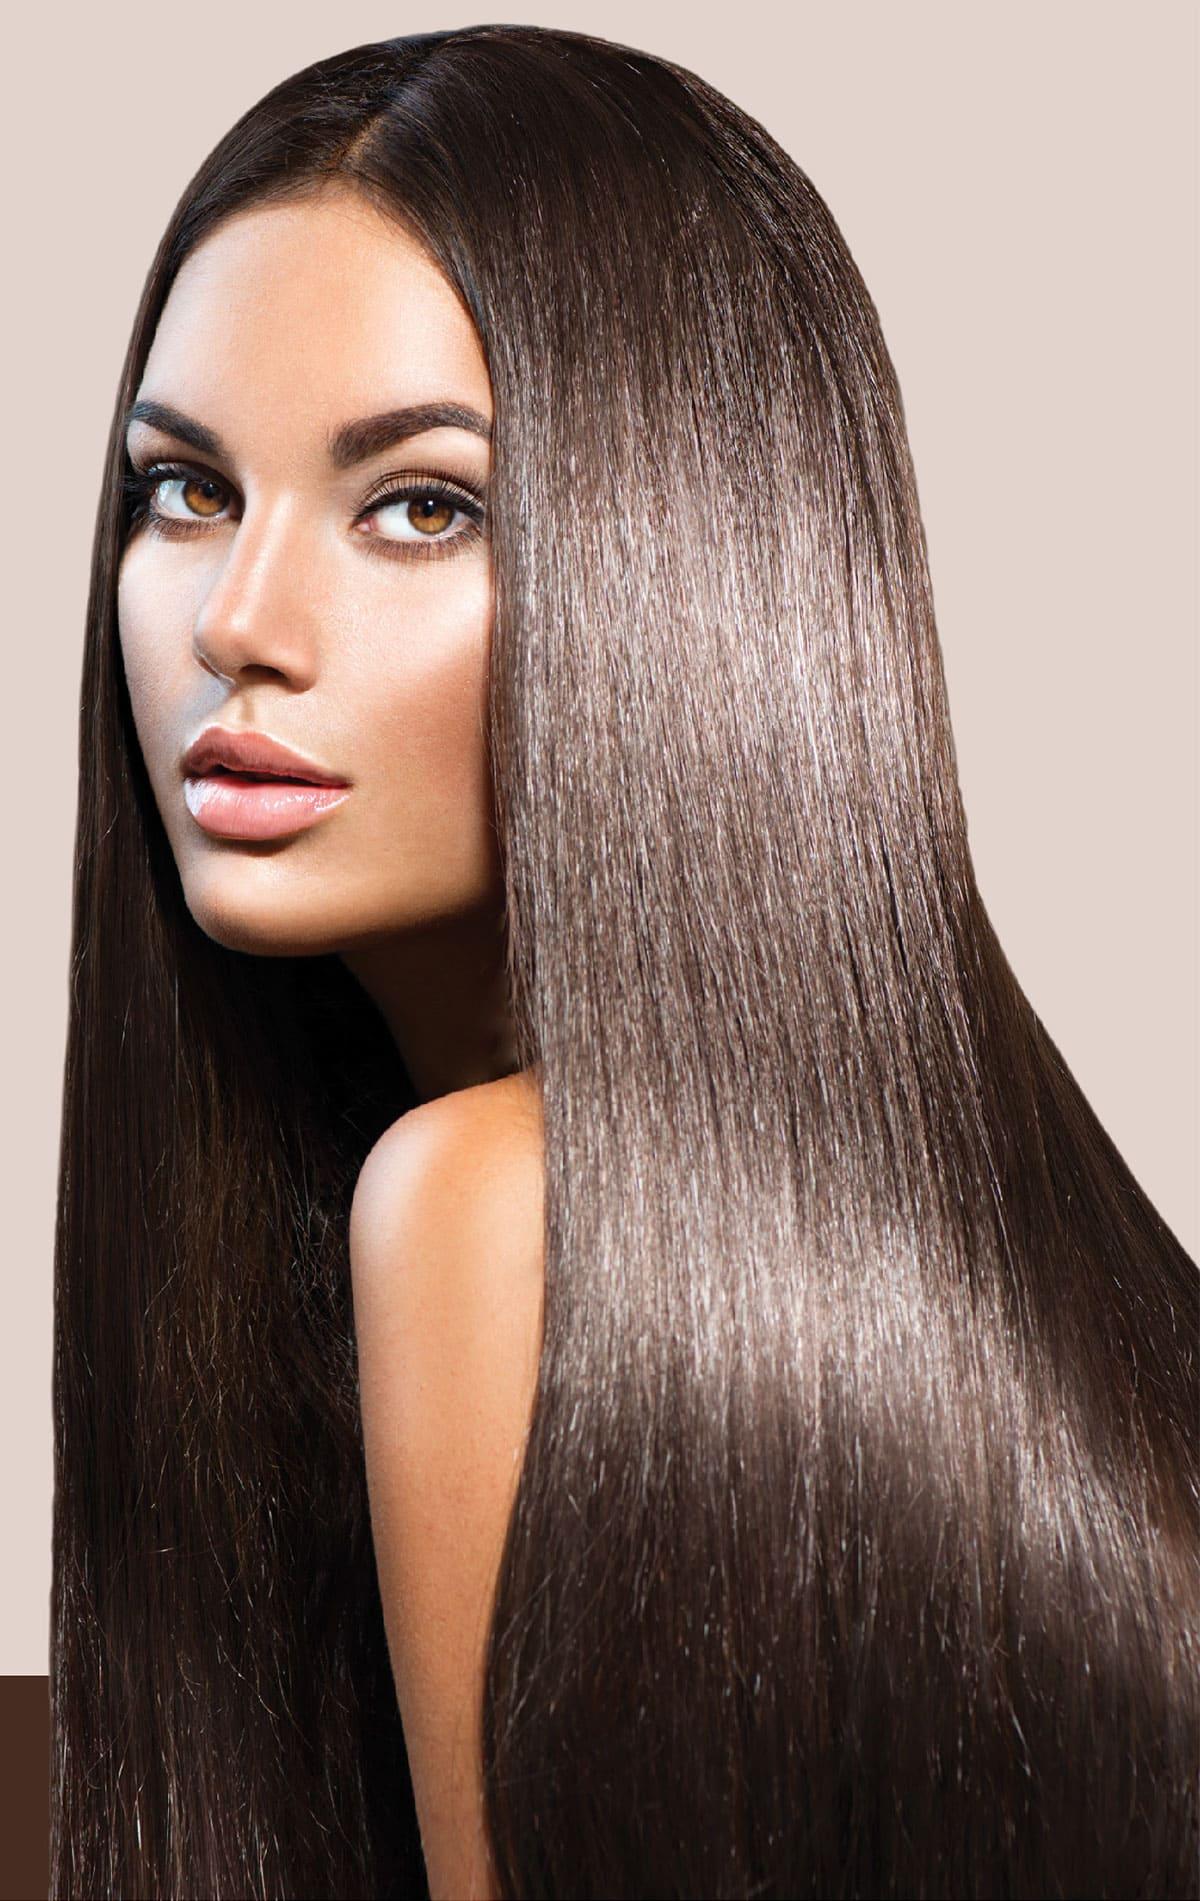 duga negovana kosa